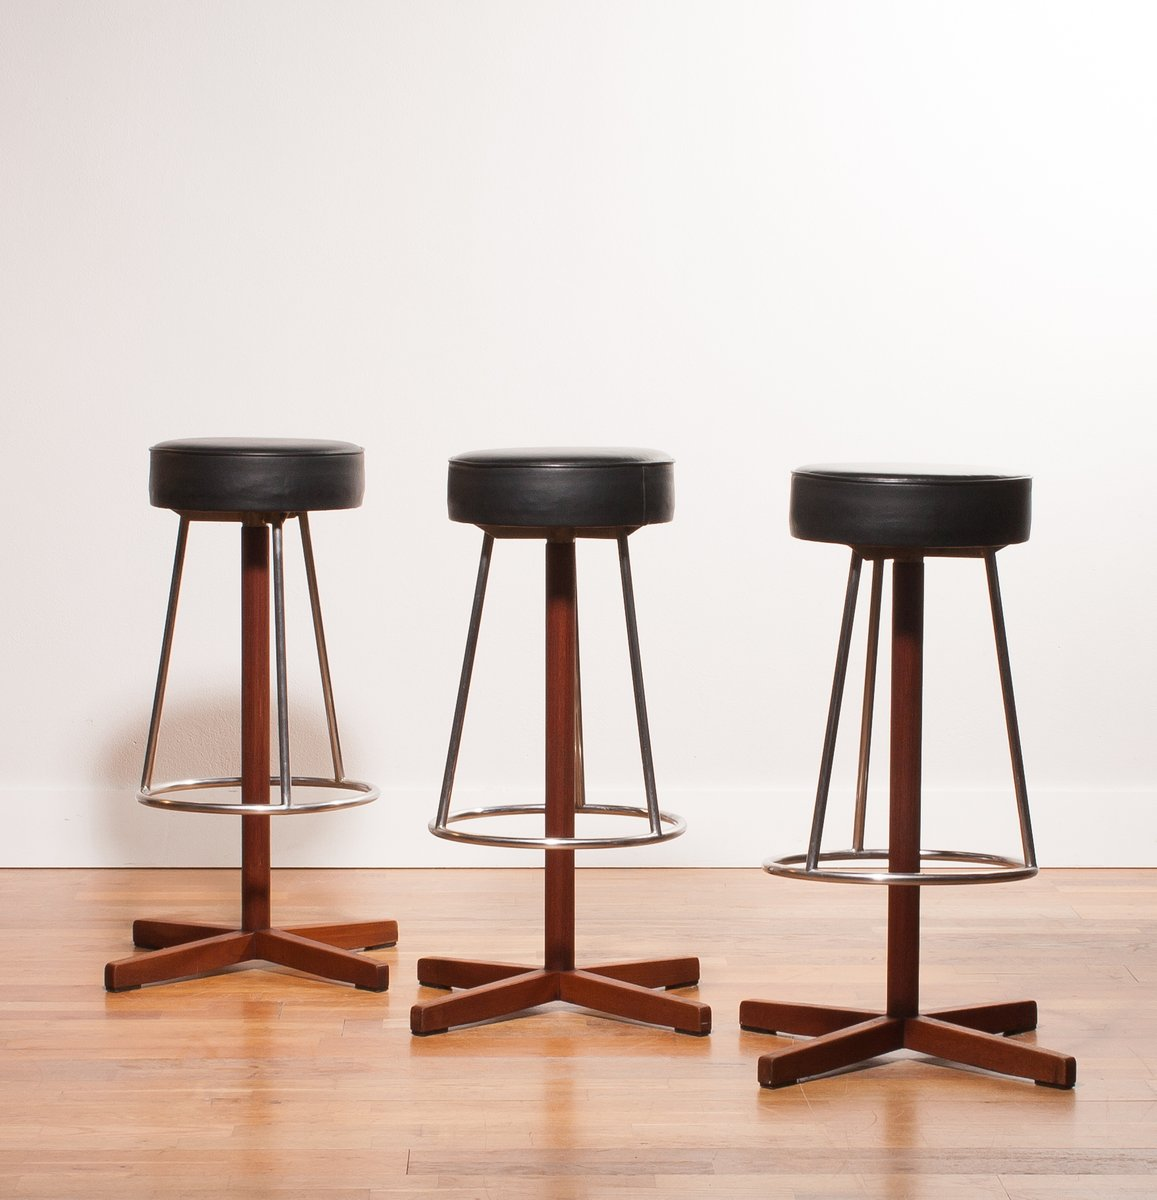 steel teak bar stools 1960s set of 3 for sale at pamono. Black Bedroom Furniture Sets. Home Design Ideas